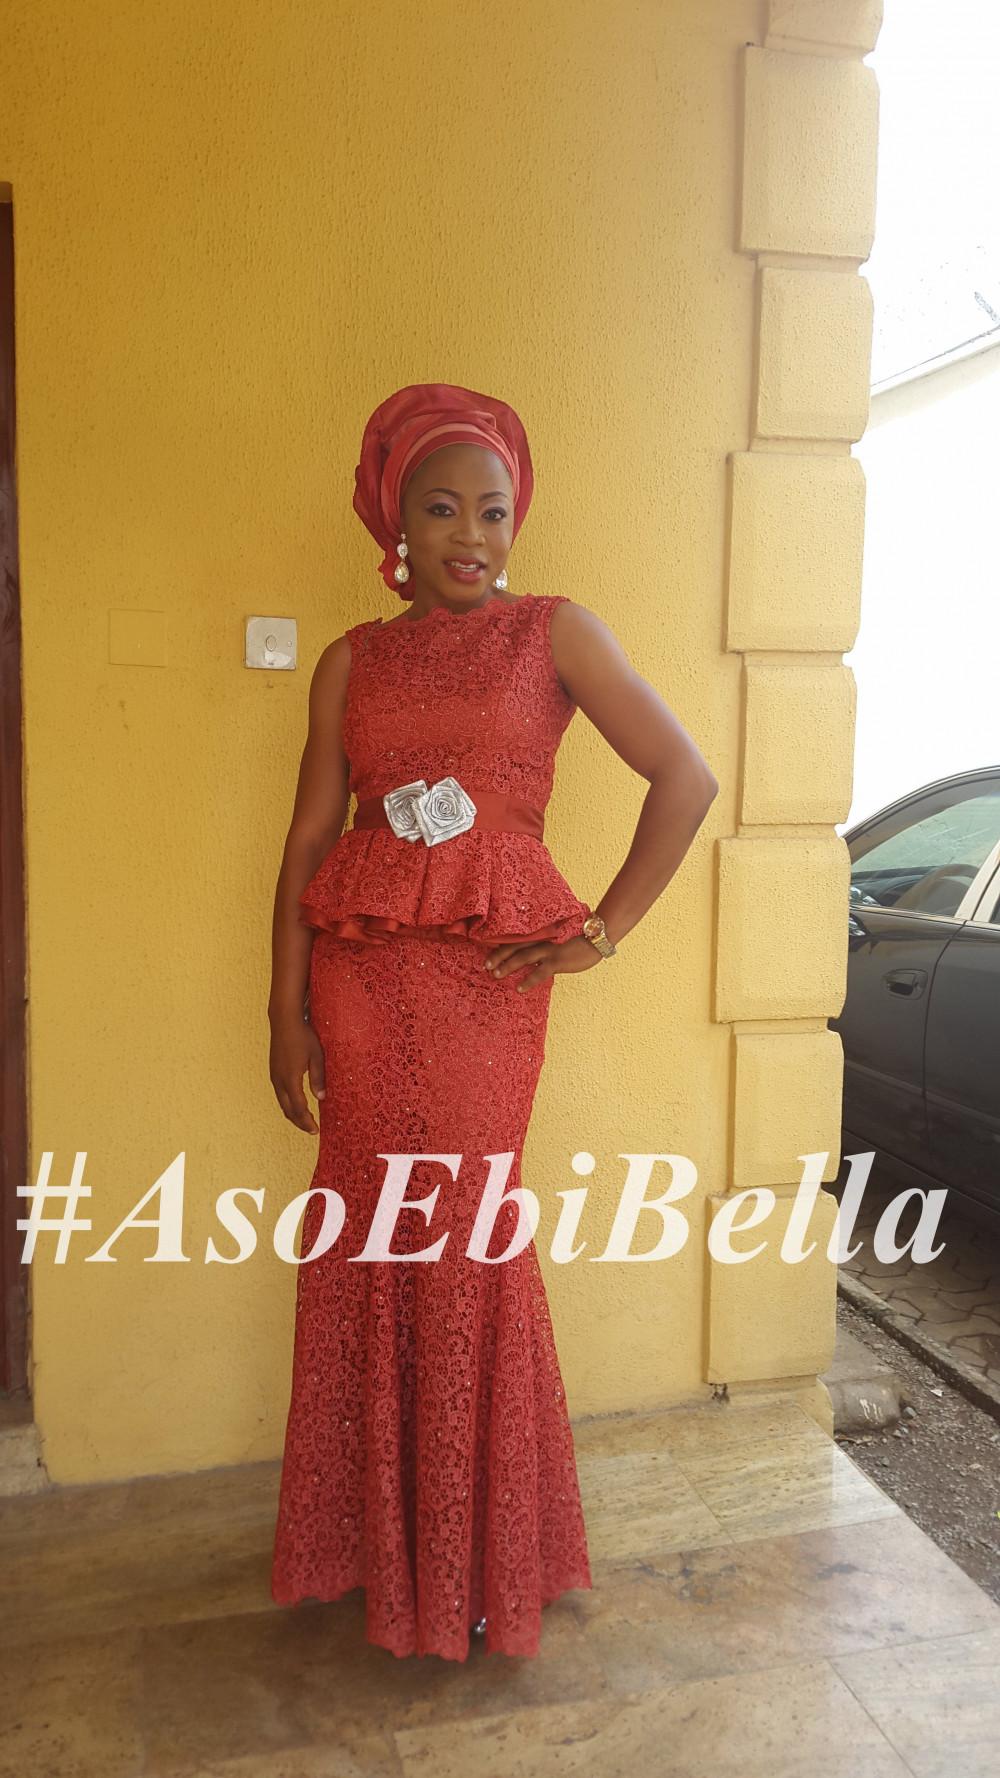 asoebi, aso - ebi, asoebibella, 20150530_113547